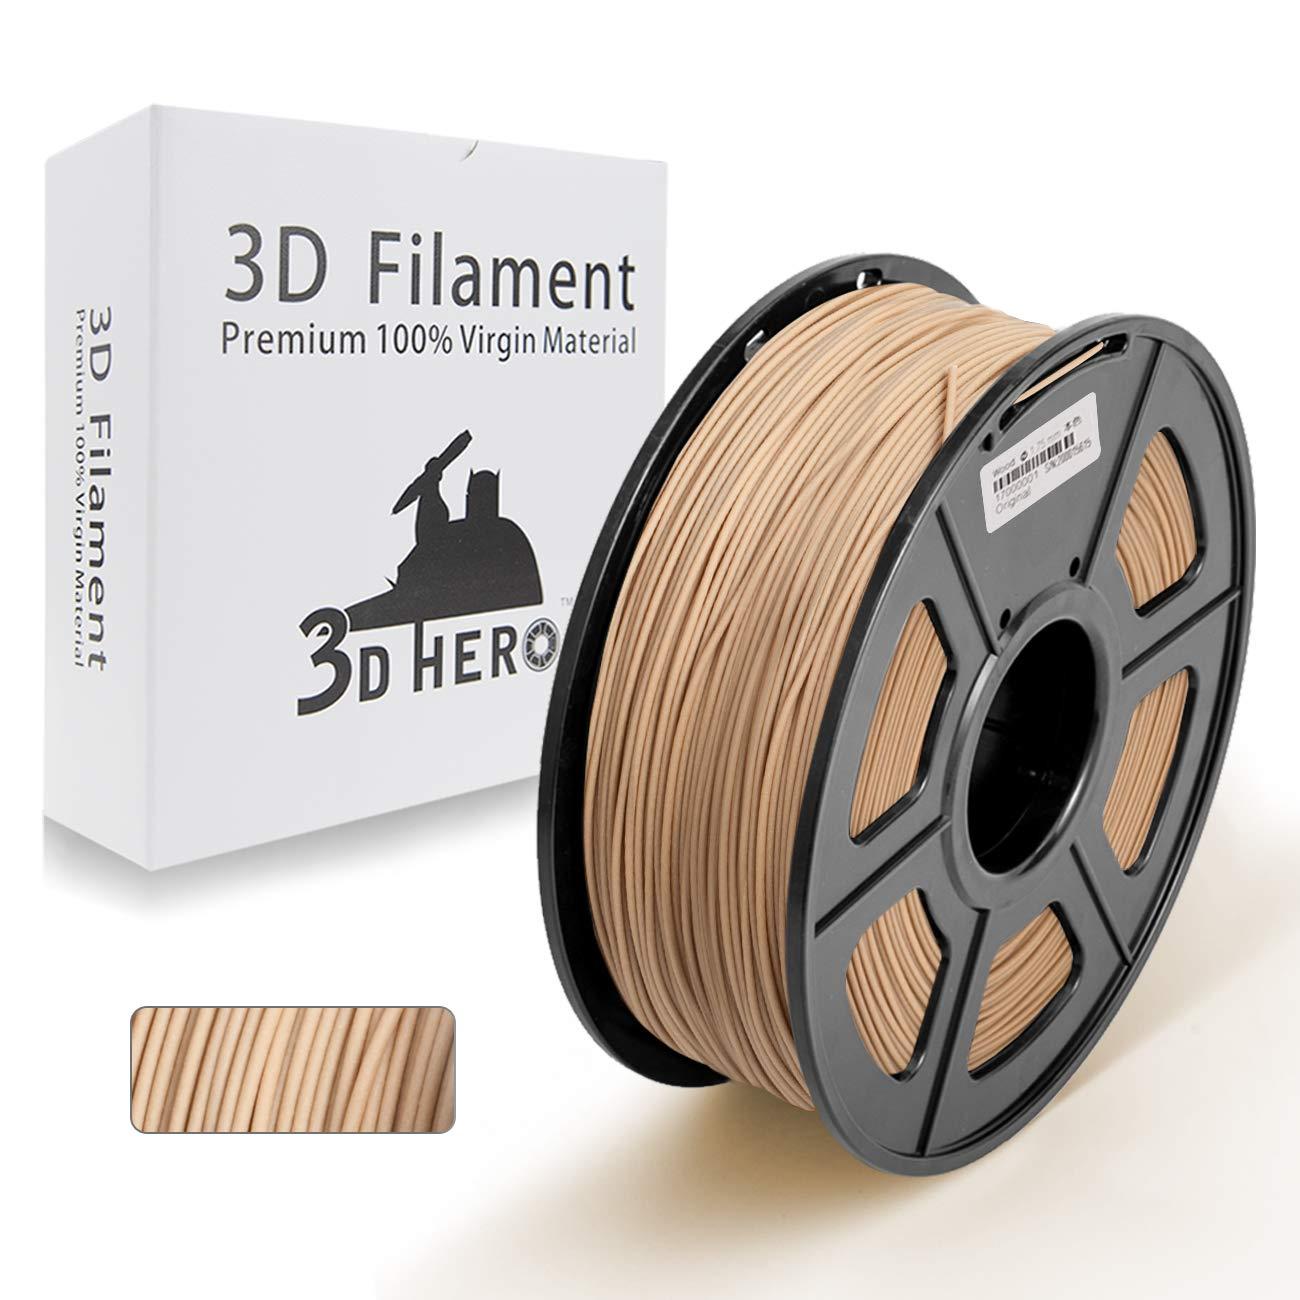 Real Wood 3D Printer Filament- PLA Wood 1.75 mm Filament,1kg(2.2lbs) Spool, Dimensional Accuracy +/- 0.02 mm,NO Clogging